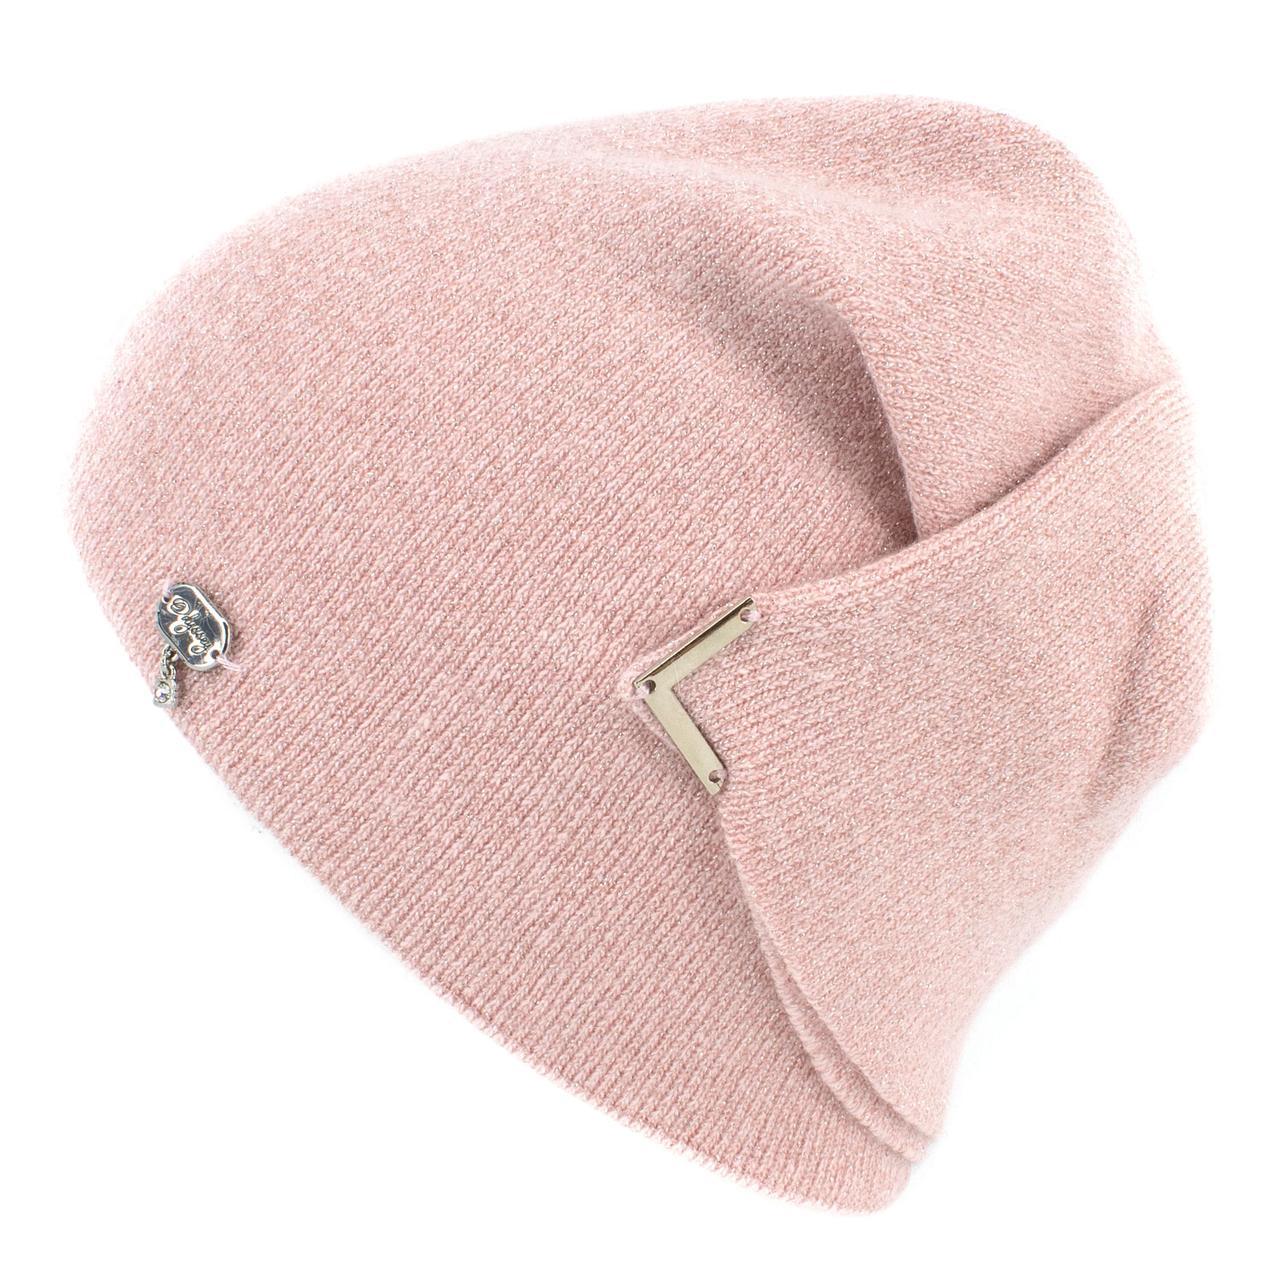 Шапка женская Odyssey Элизабет     розовая     ( 43529654 m )